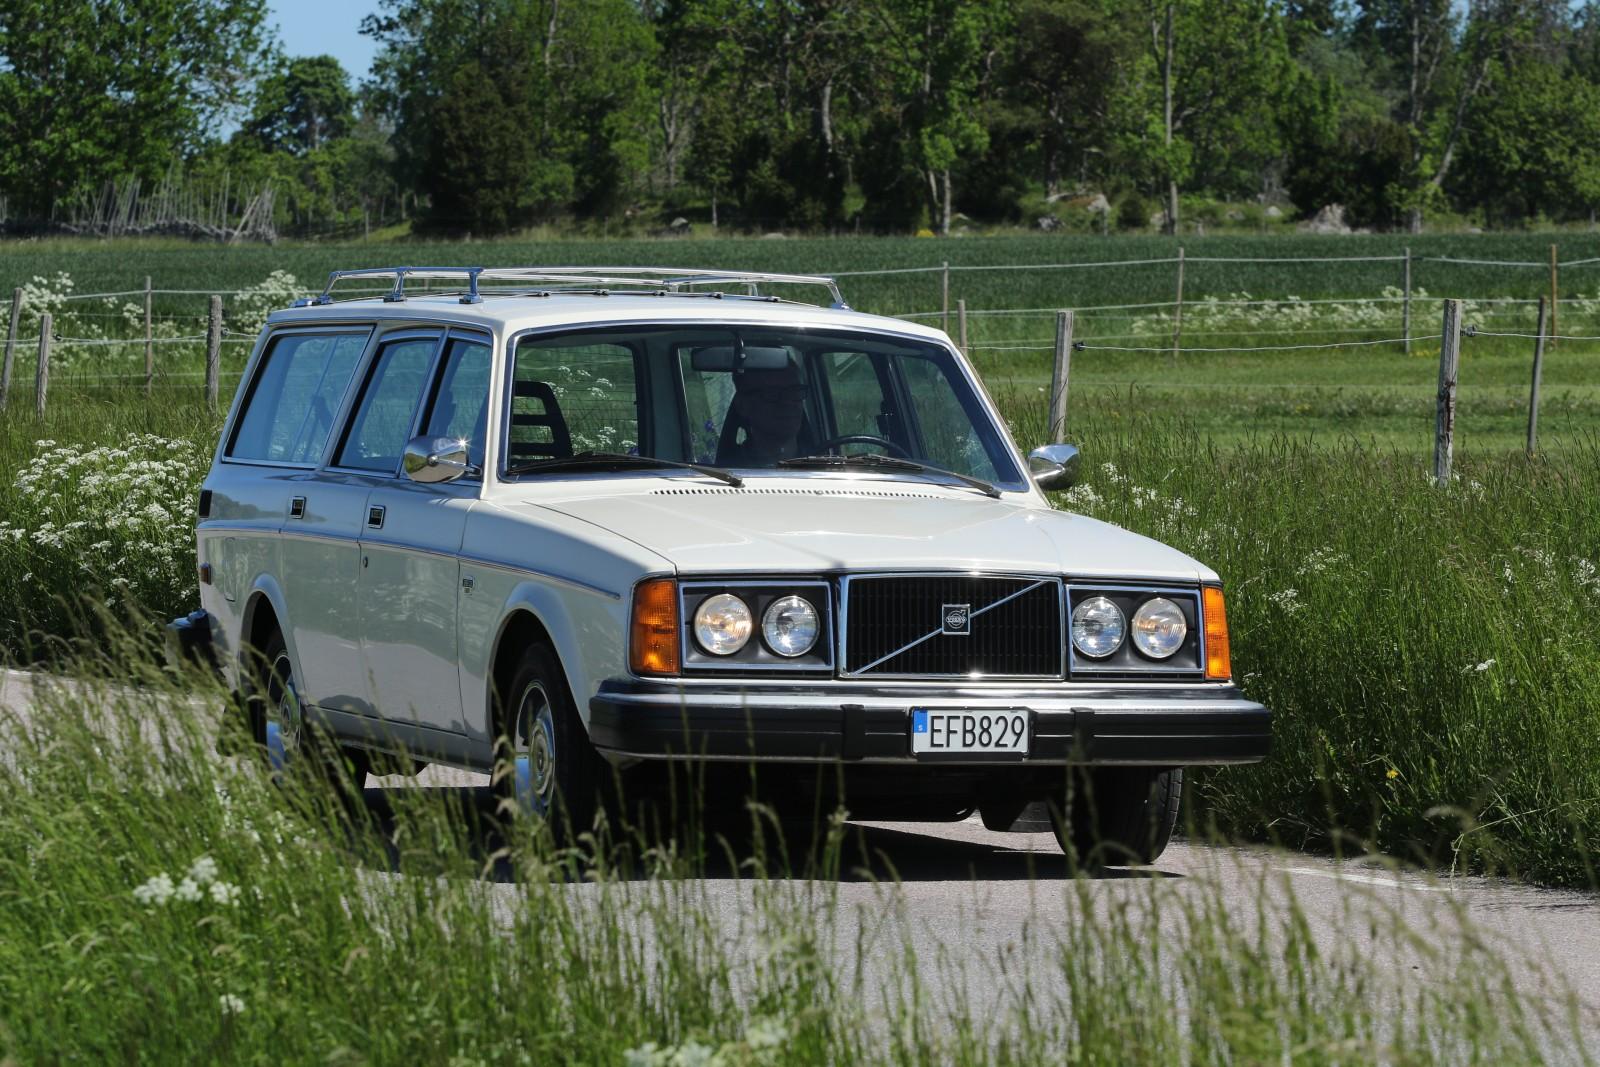 Mer kraft behövde inte betyda mer utrustning, det visar Mikael Fritzings frugala V6-kombi, importerad från USA. Volvo 265 DL 1976.